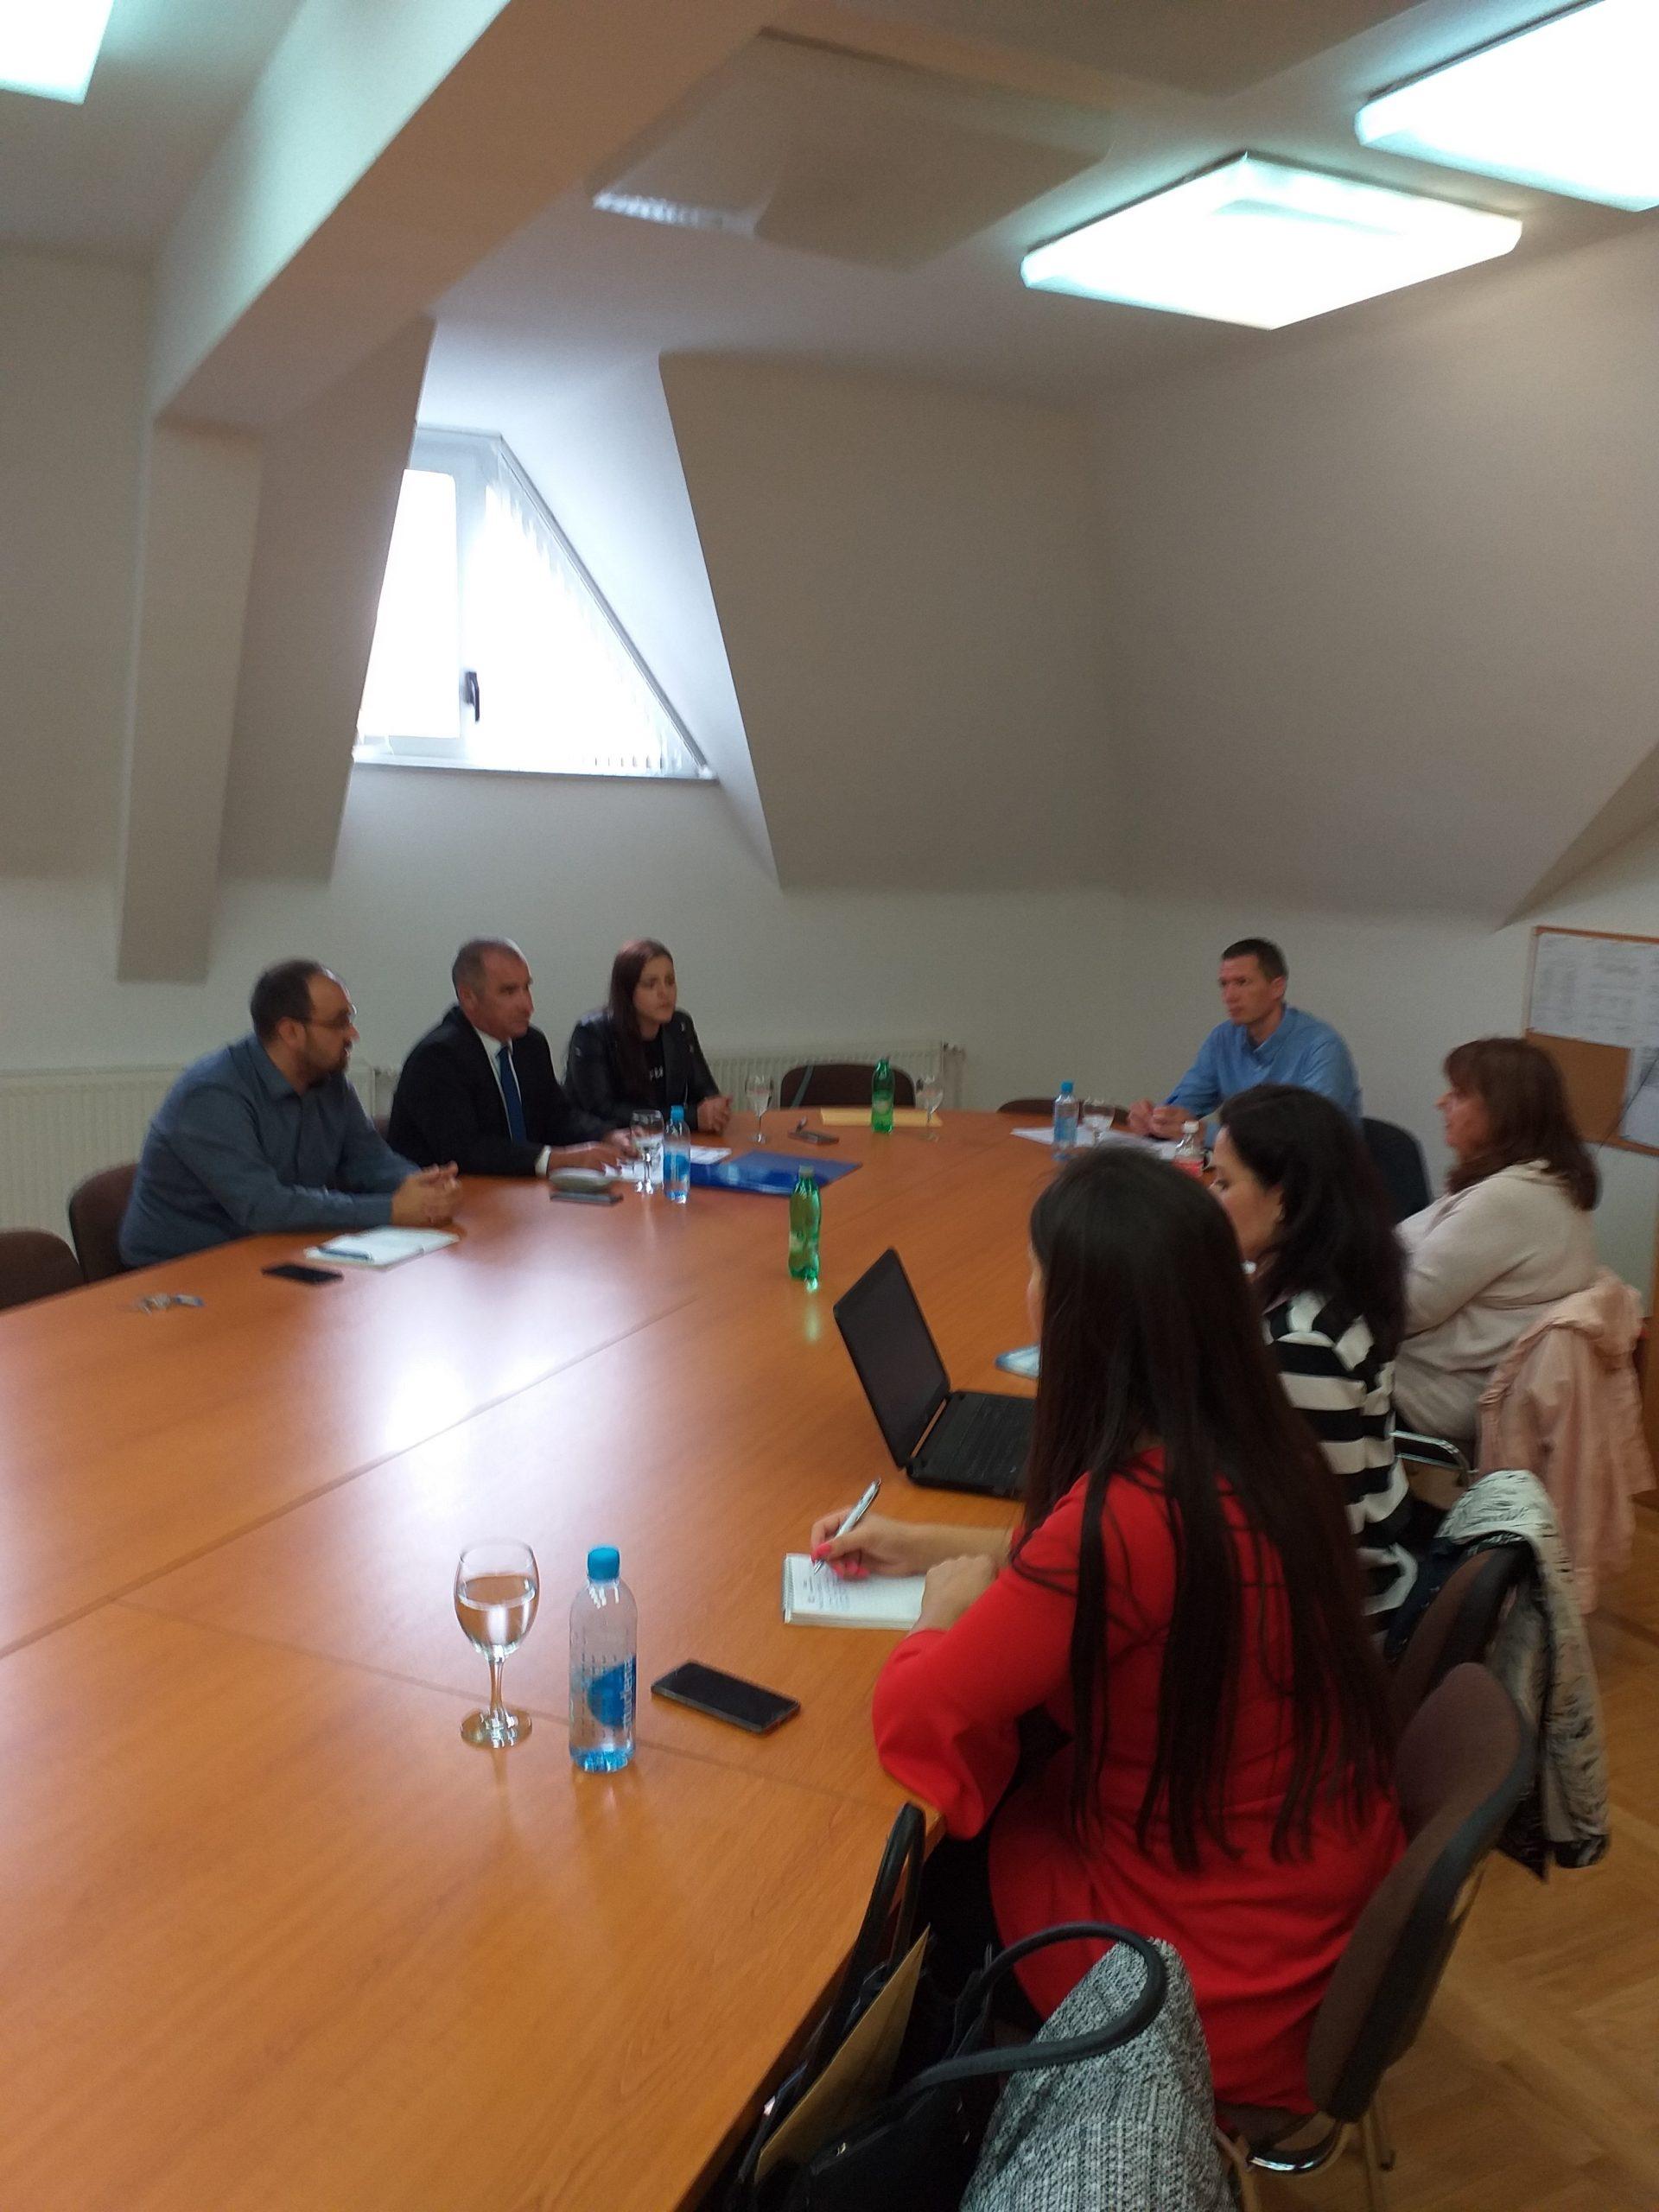 Održana fokus grupa s djelatnicima/ama centara za socijalnu skrb